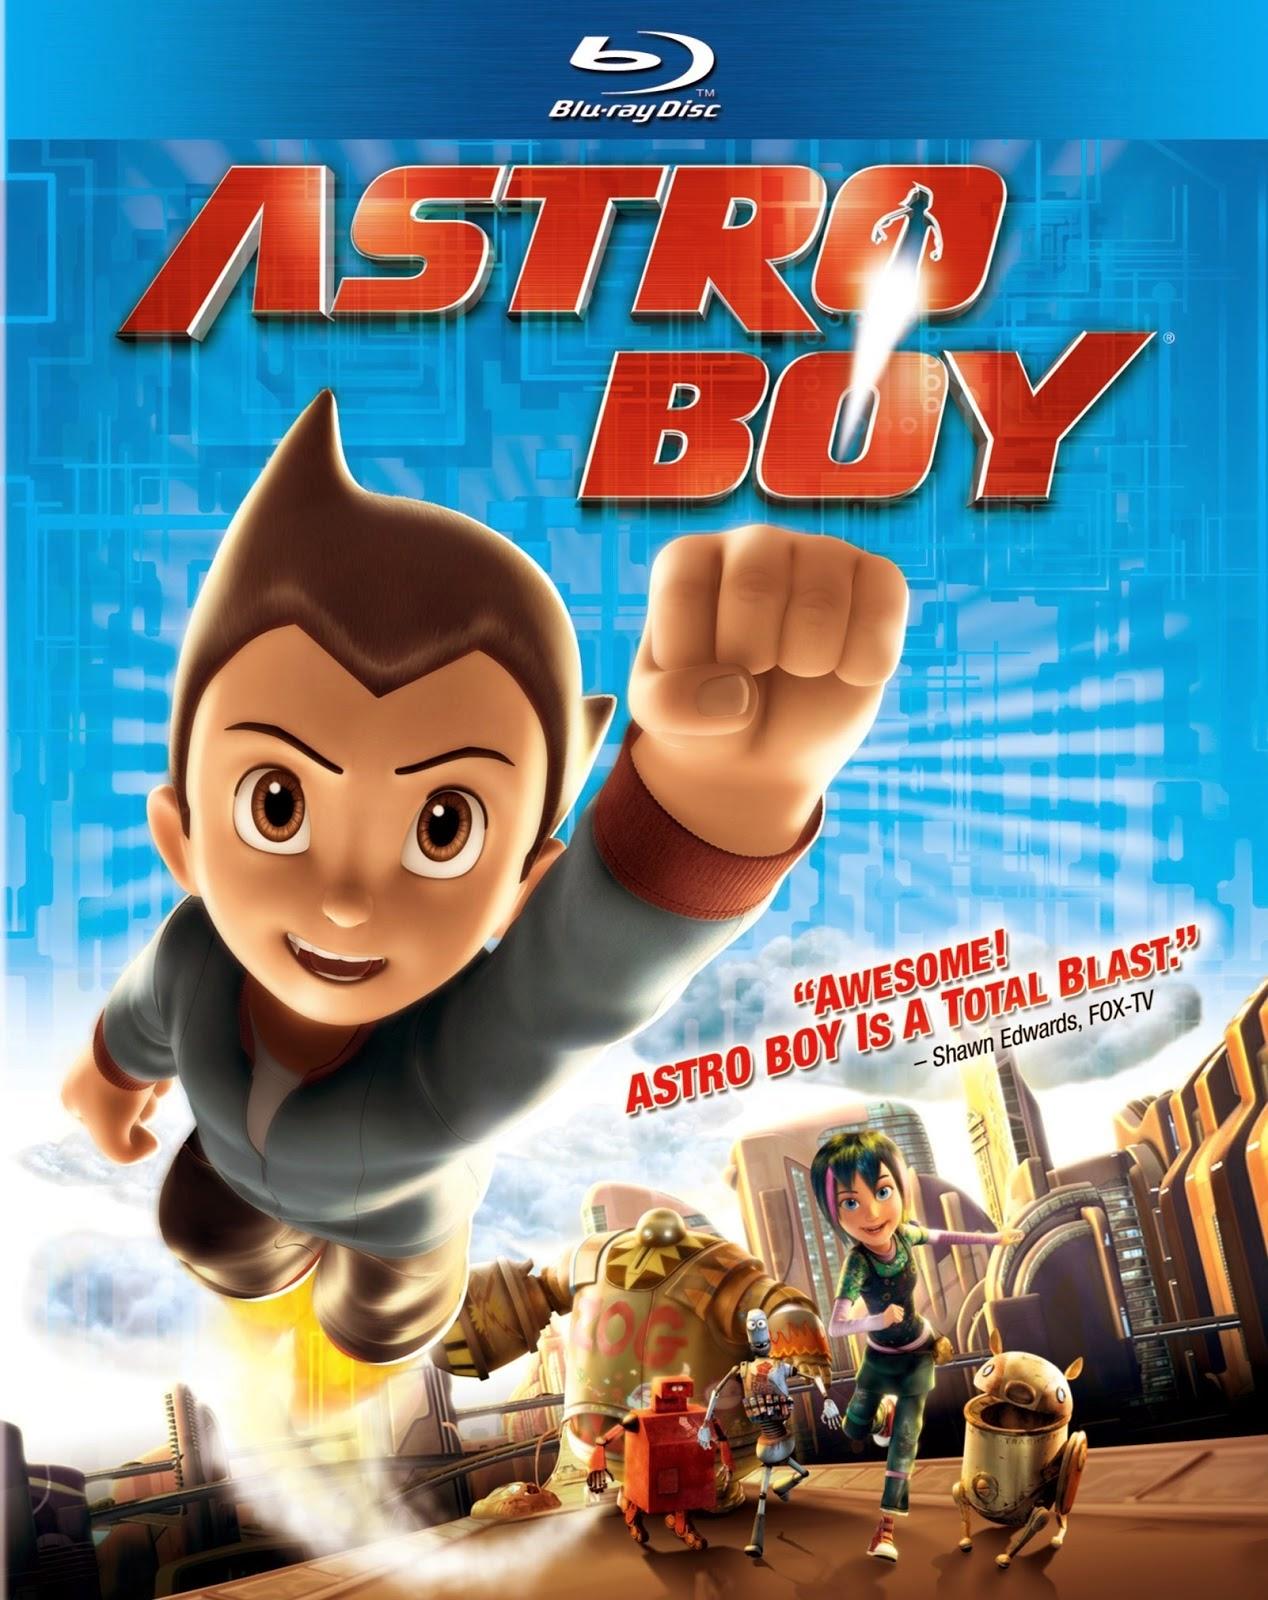 ดูการ์ตูน Astro Boy เจ้าหนูพลังปรมาณู